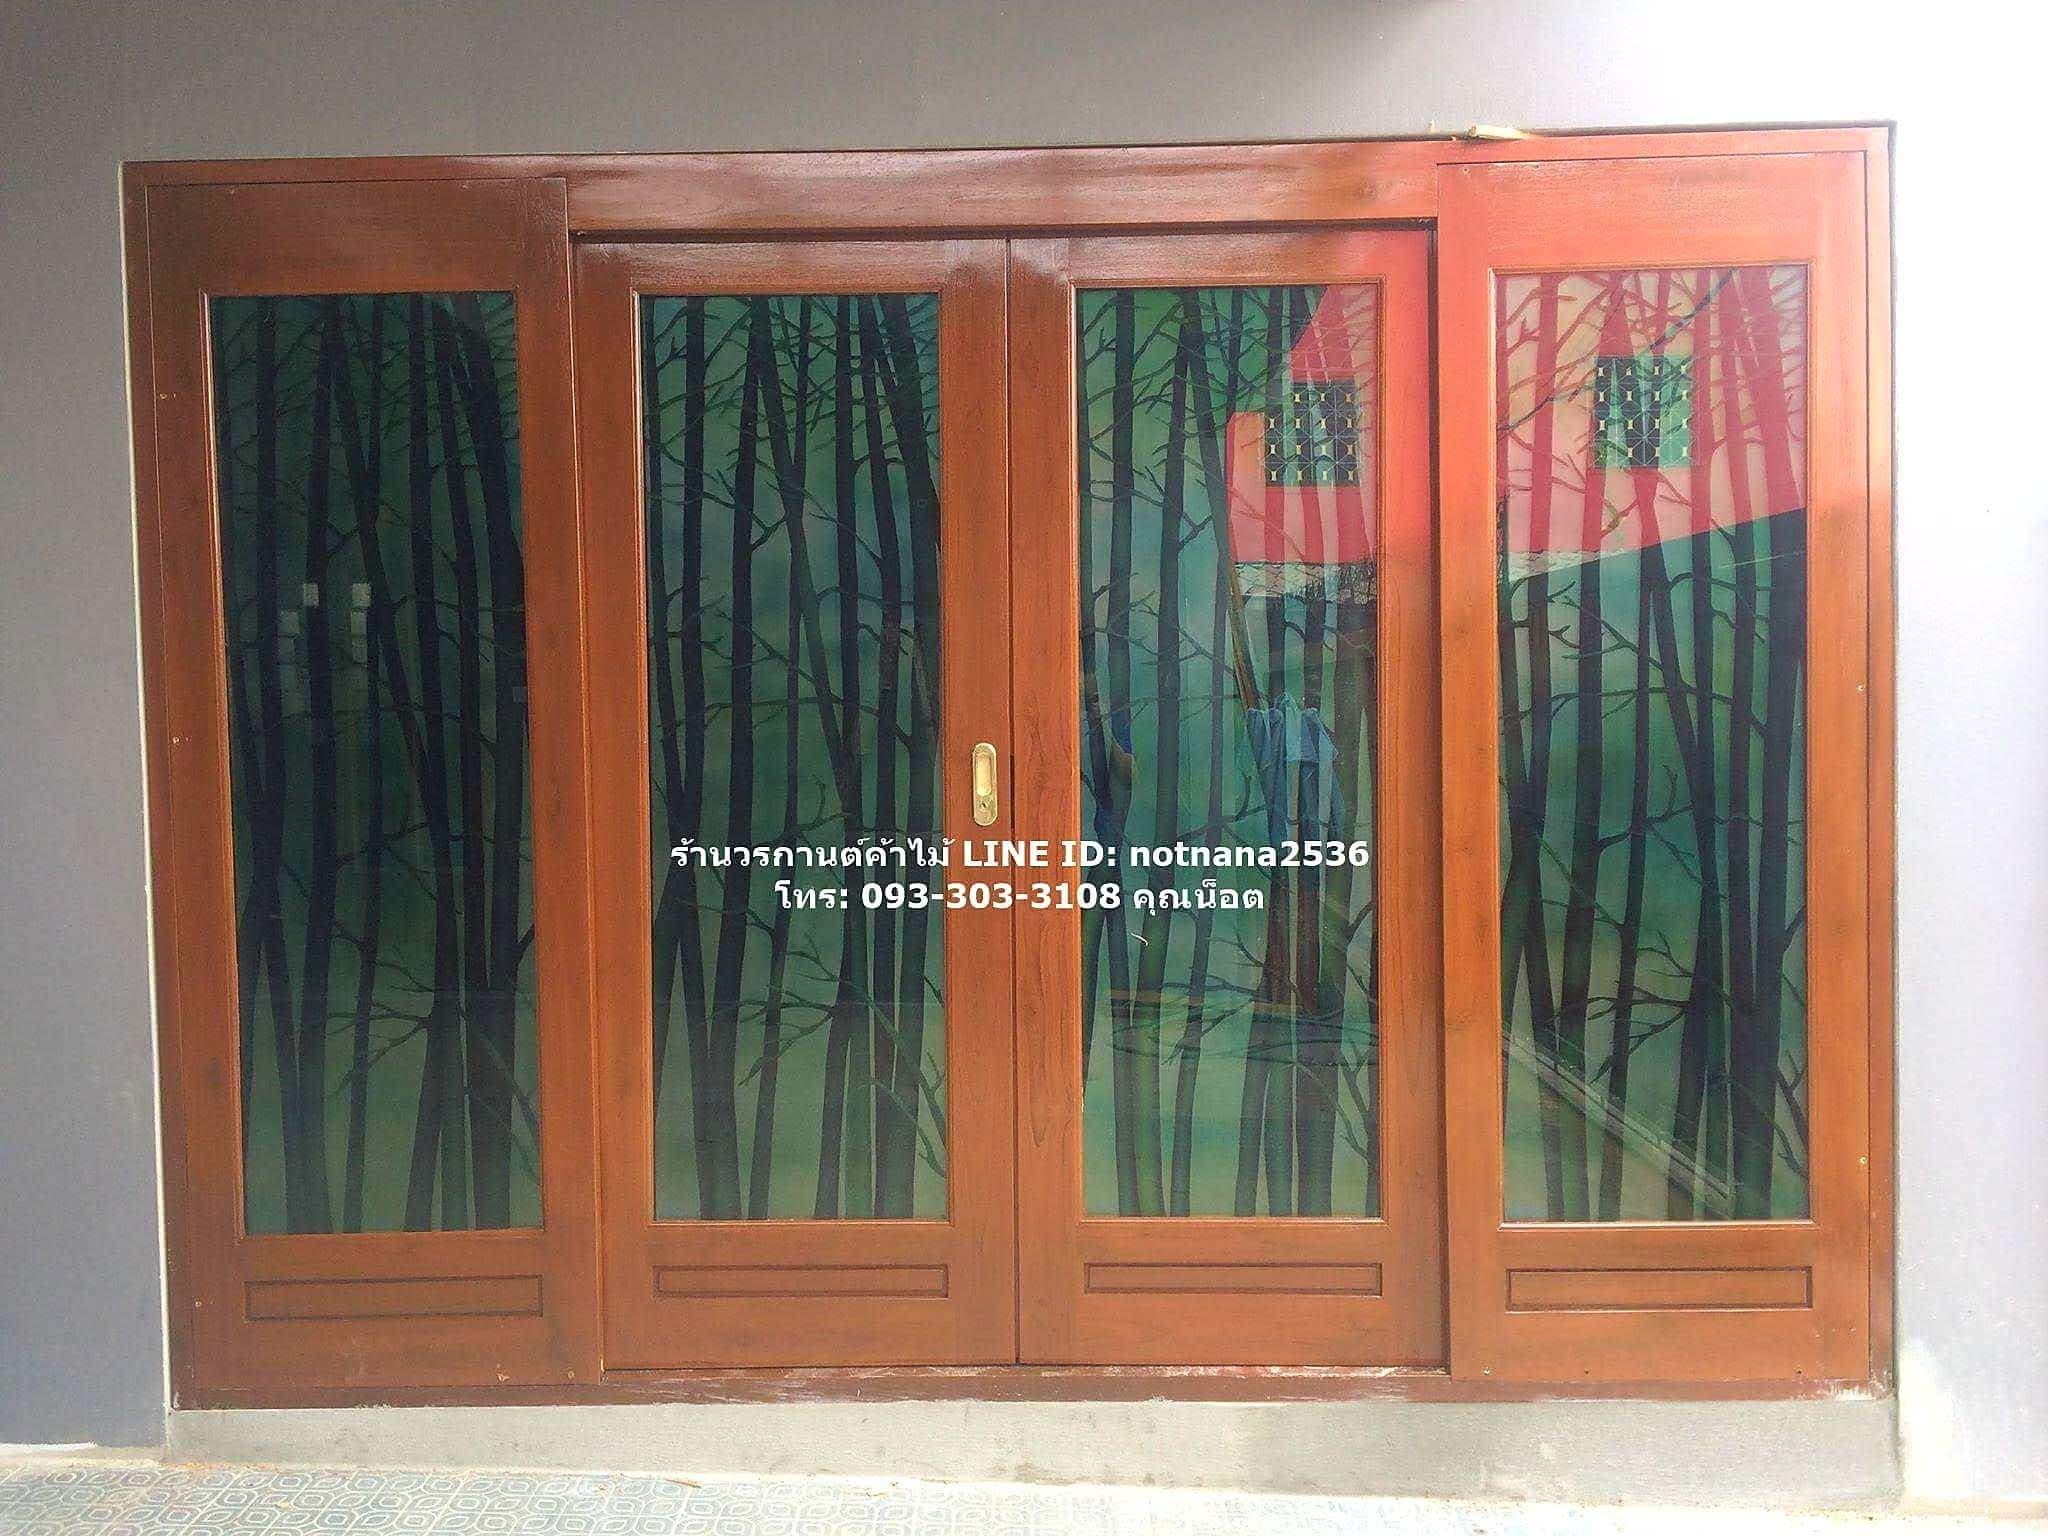 ประตูไม้สักกระจกแกะลายบานเลื่อน ชุด4ชิ้น รหัสAAA103